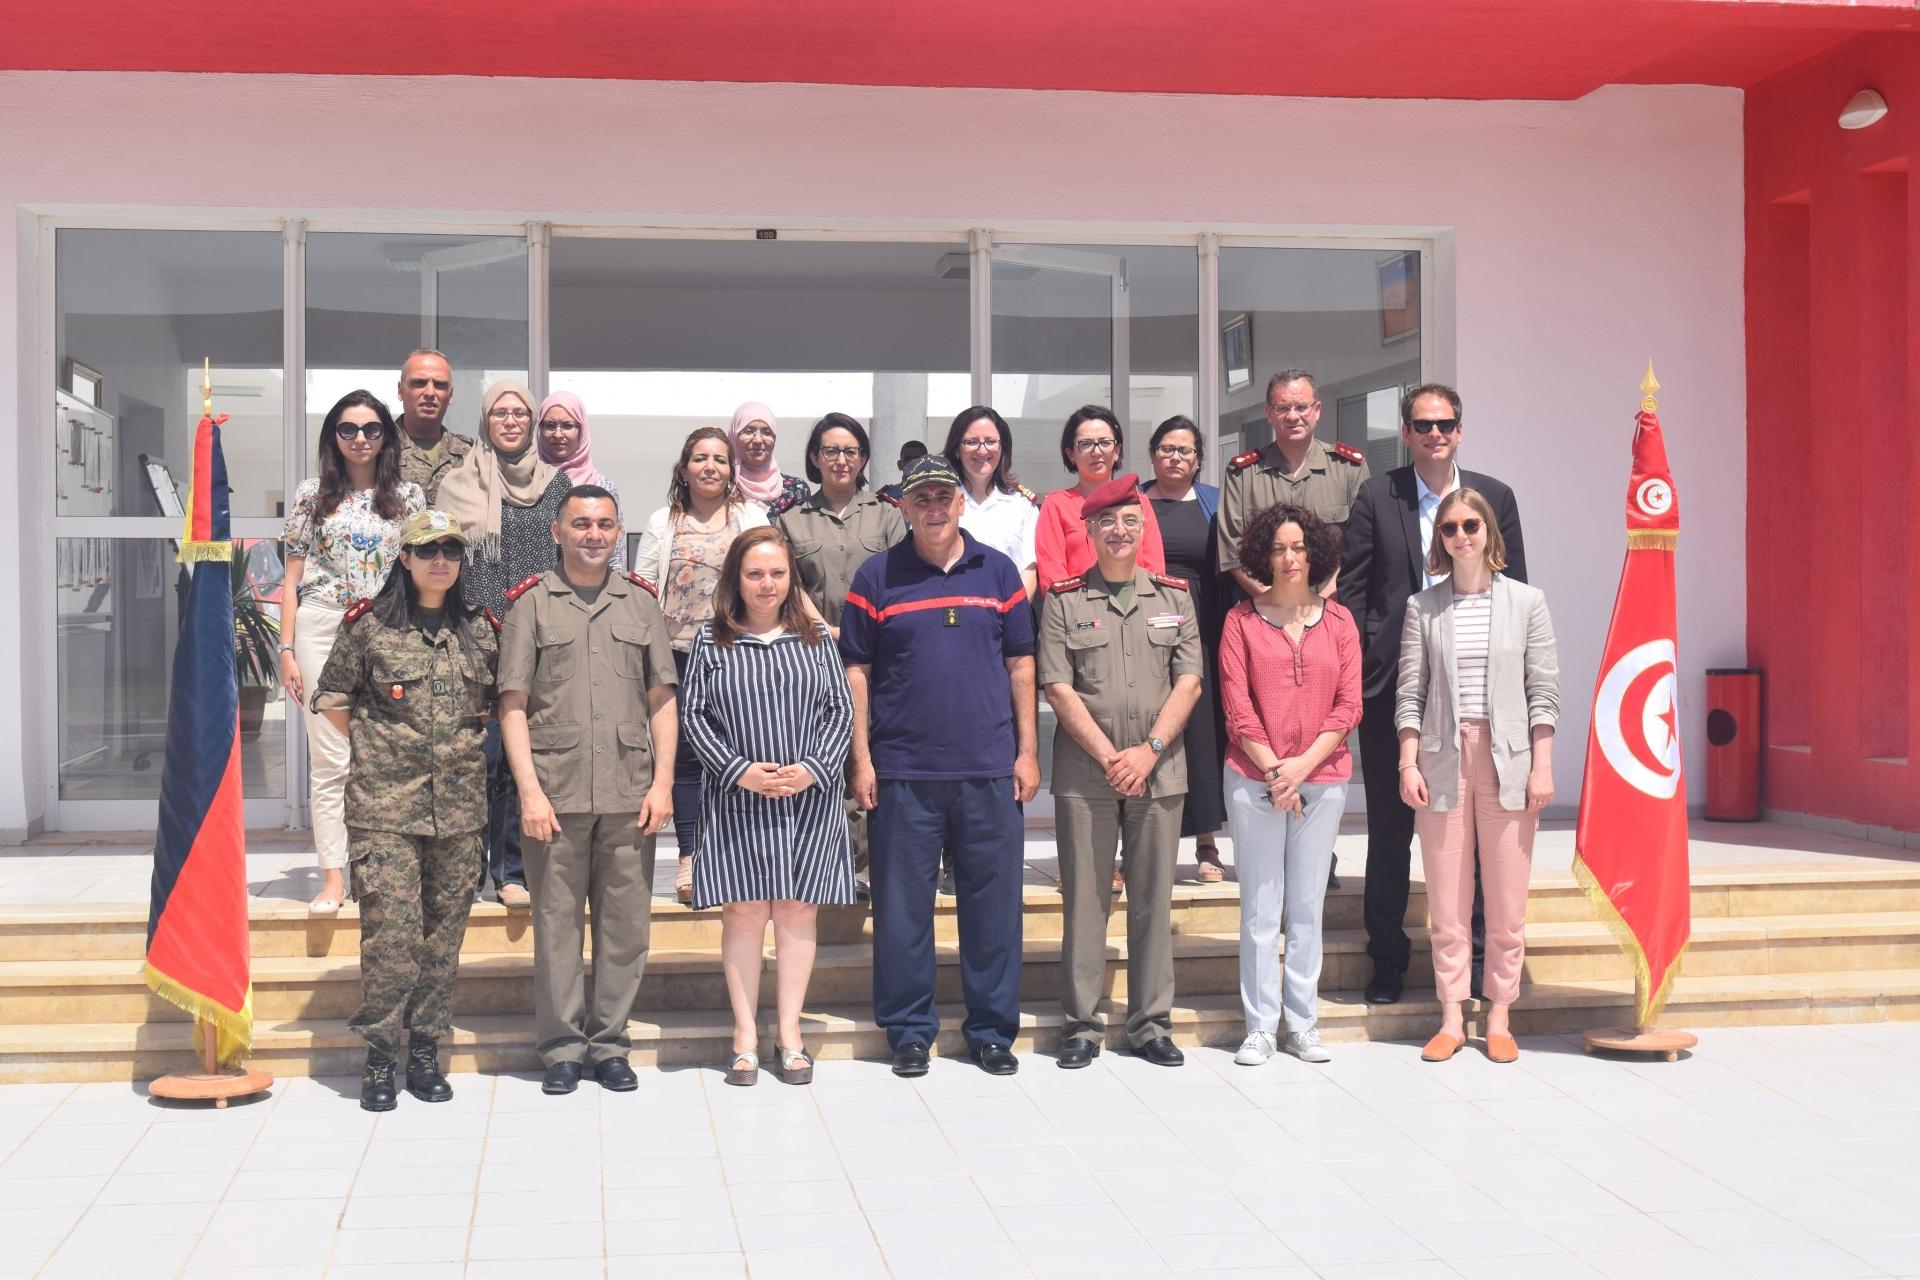 إفتتاح دورات تكوينية في مجال الأمن البيولوجي والصحي بالمدرسة الوطنية للحماية المدنية